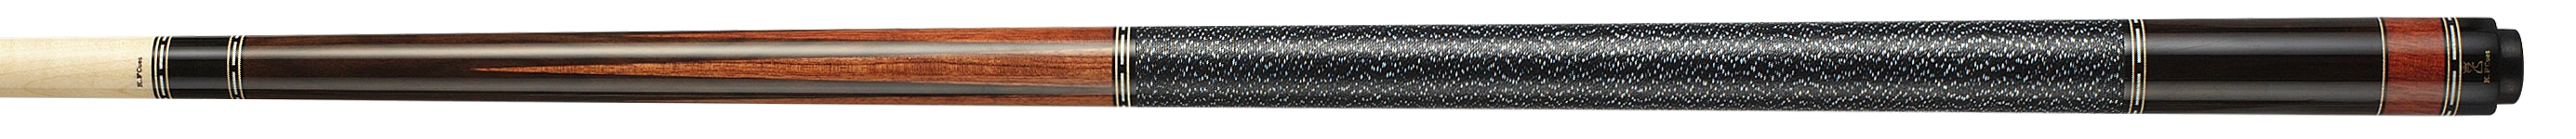 PES603-e5